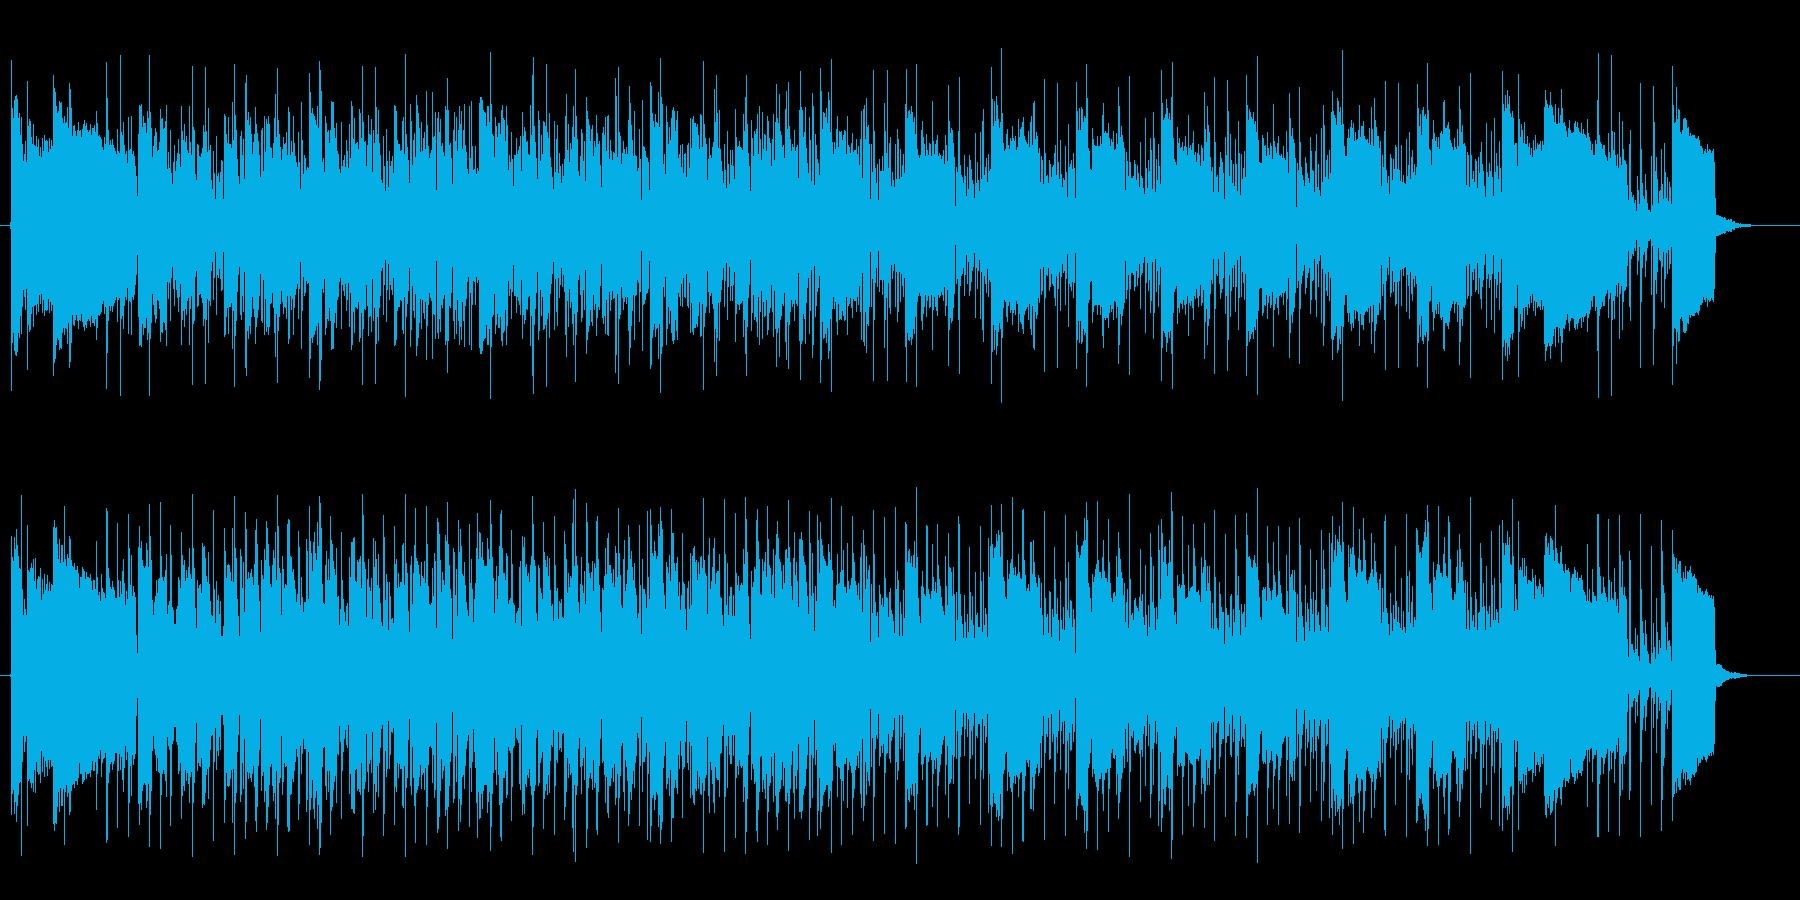 近未来や宇宙感のあるシンセサウンドの再生済みの波形